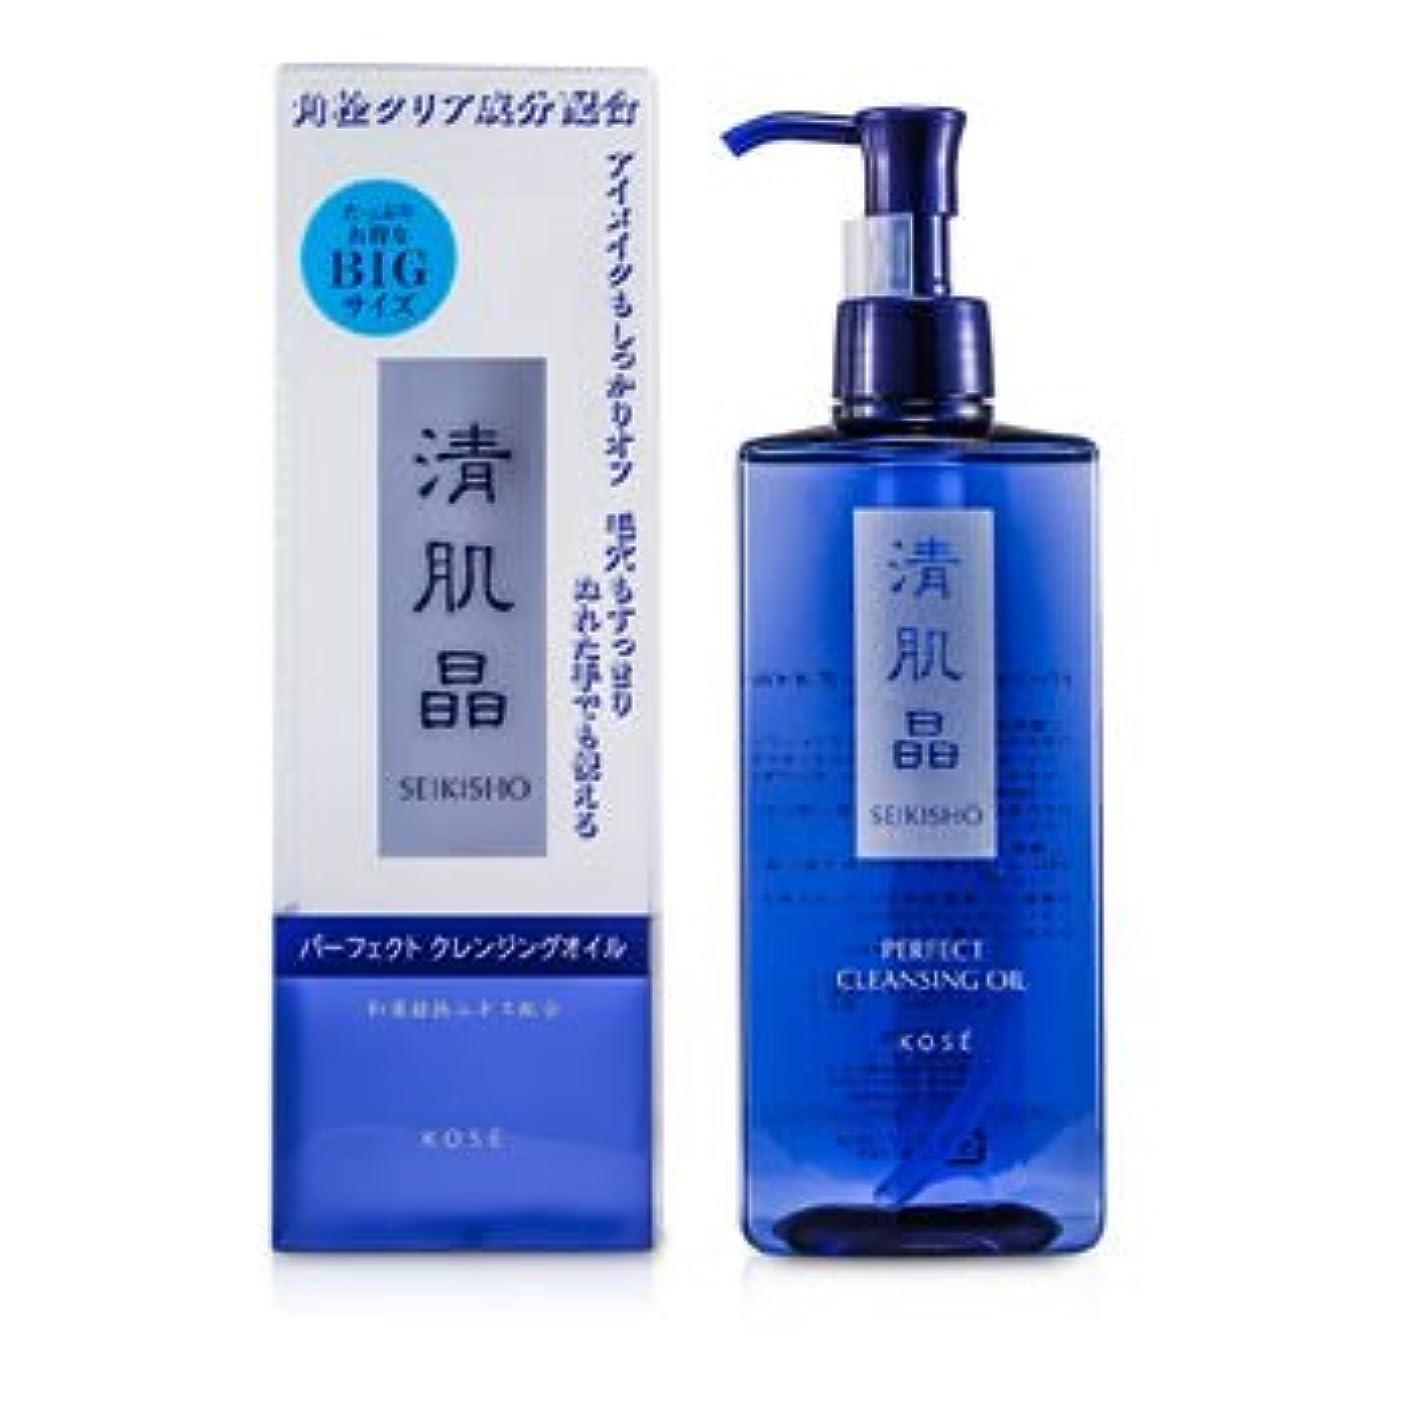 マインド演劇リストコーセー Seikisho Perfect Cleansing Oil 330ml/11oz並行輸入品